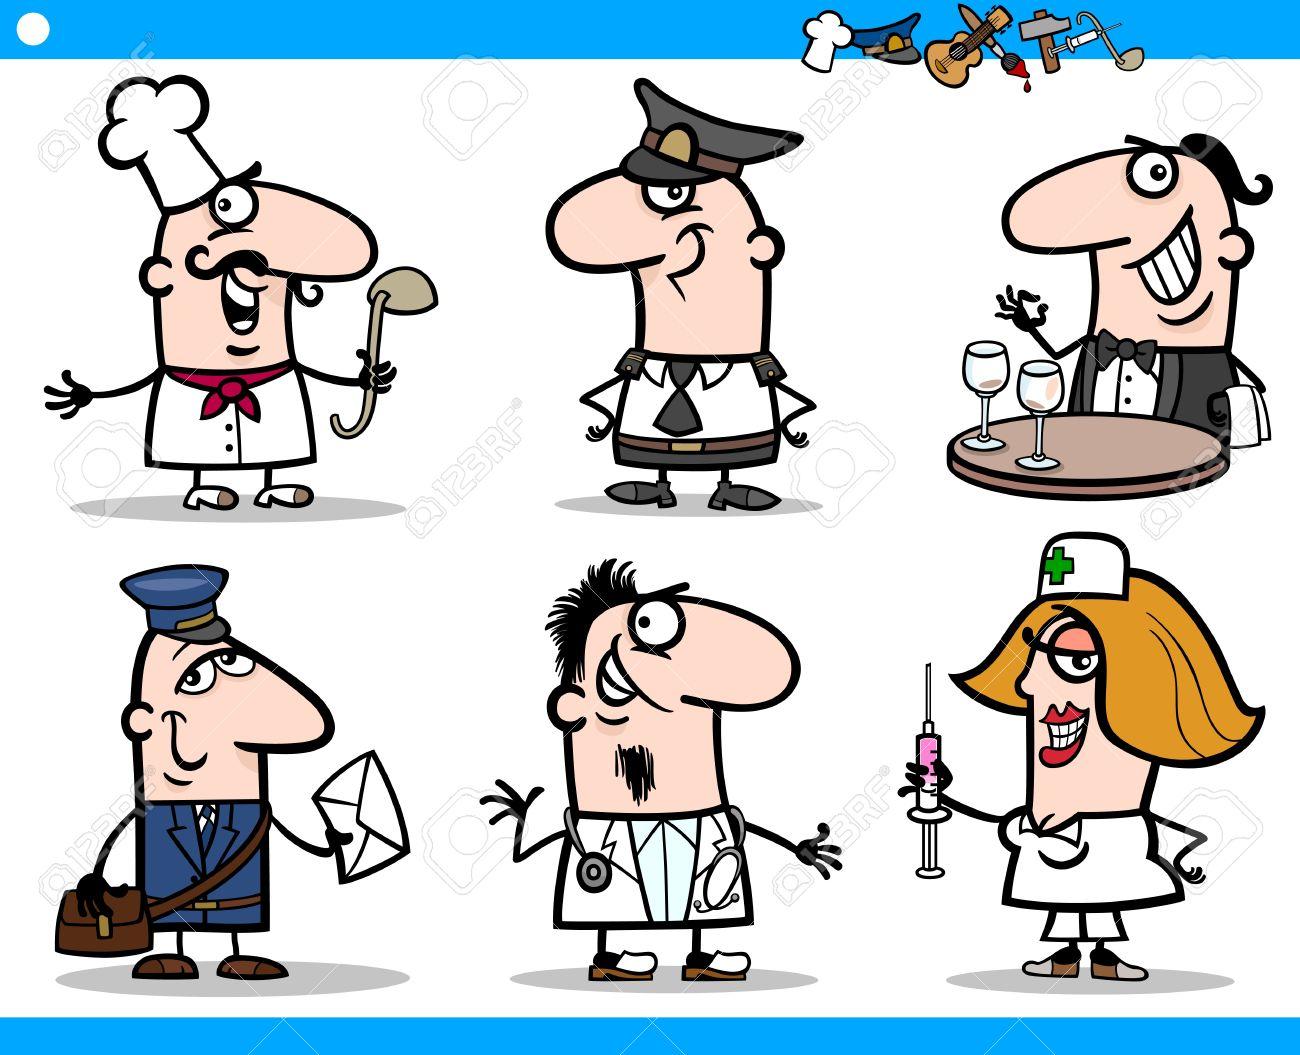 Ilustración De Dibujos Animados De Divertidos Profesionales De Ocupaciones De Personas Caracteres Set